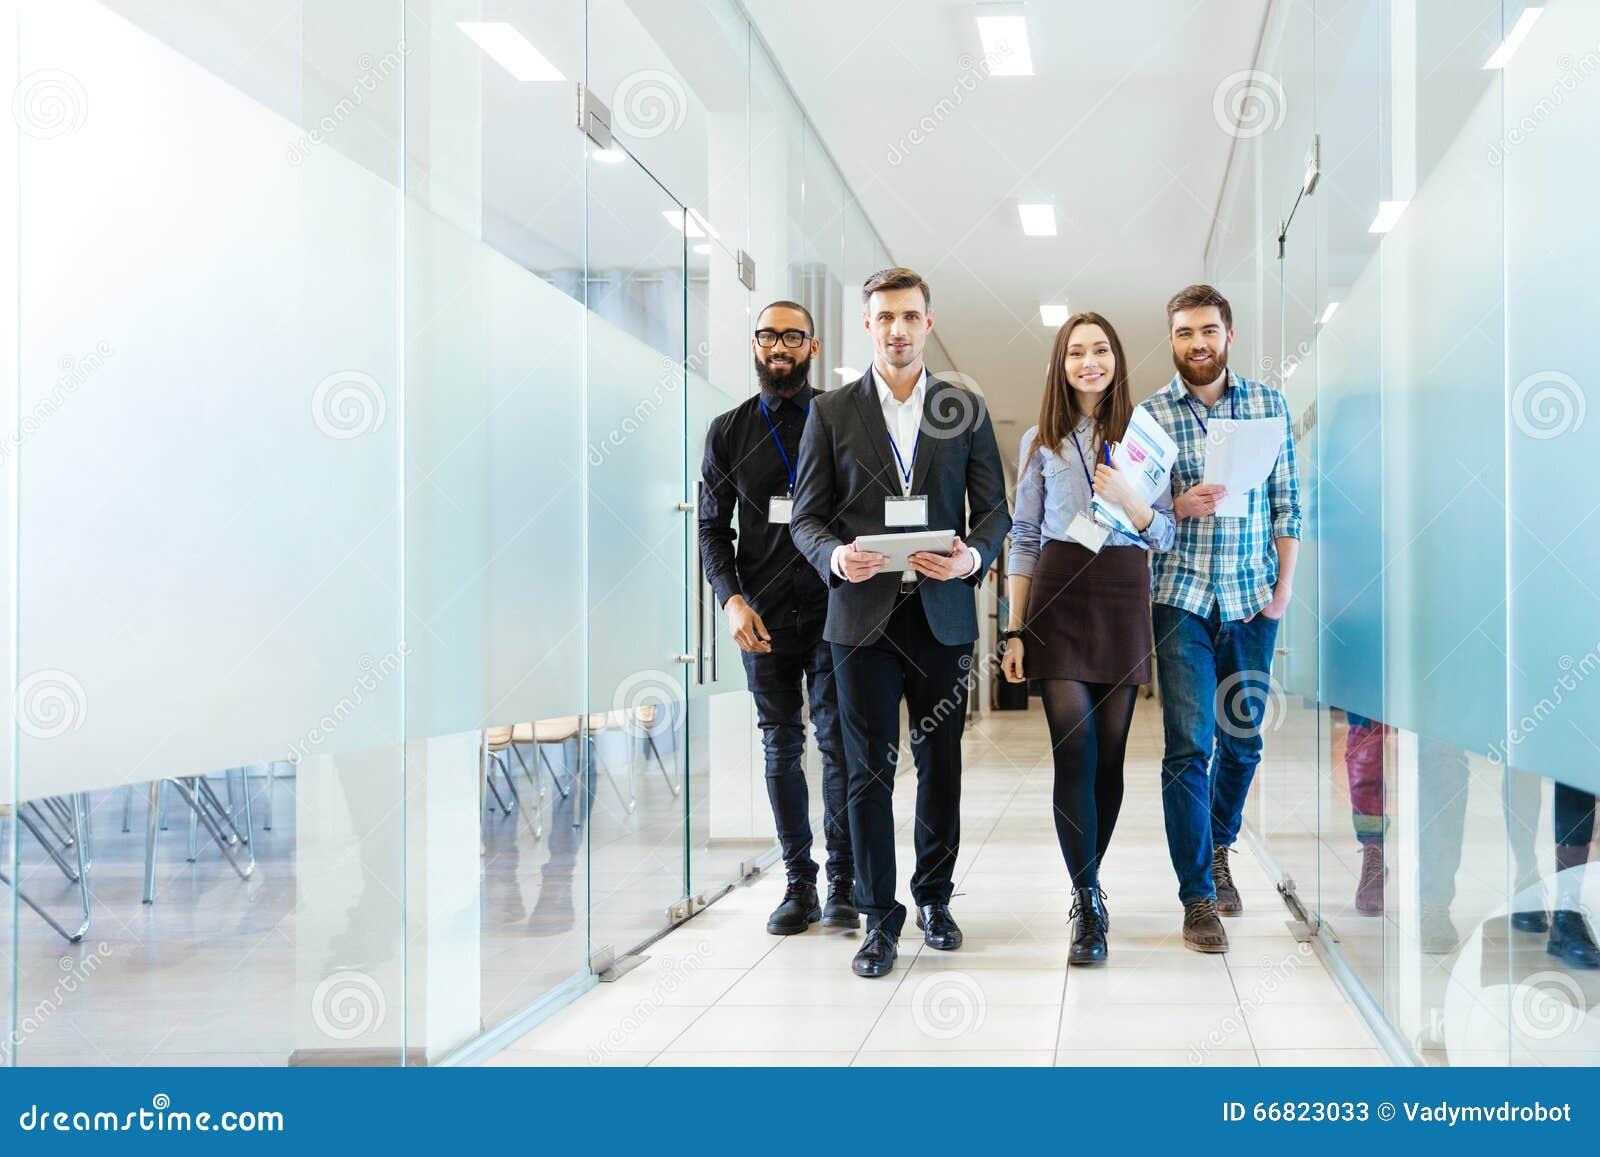 Gruppe glückliche junge Geschäftsleute, die zusammen in Büro gehen